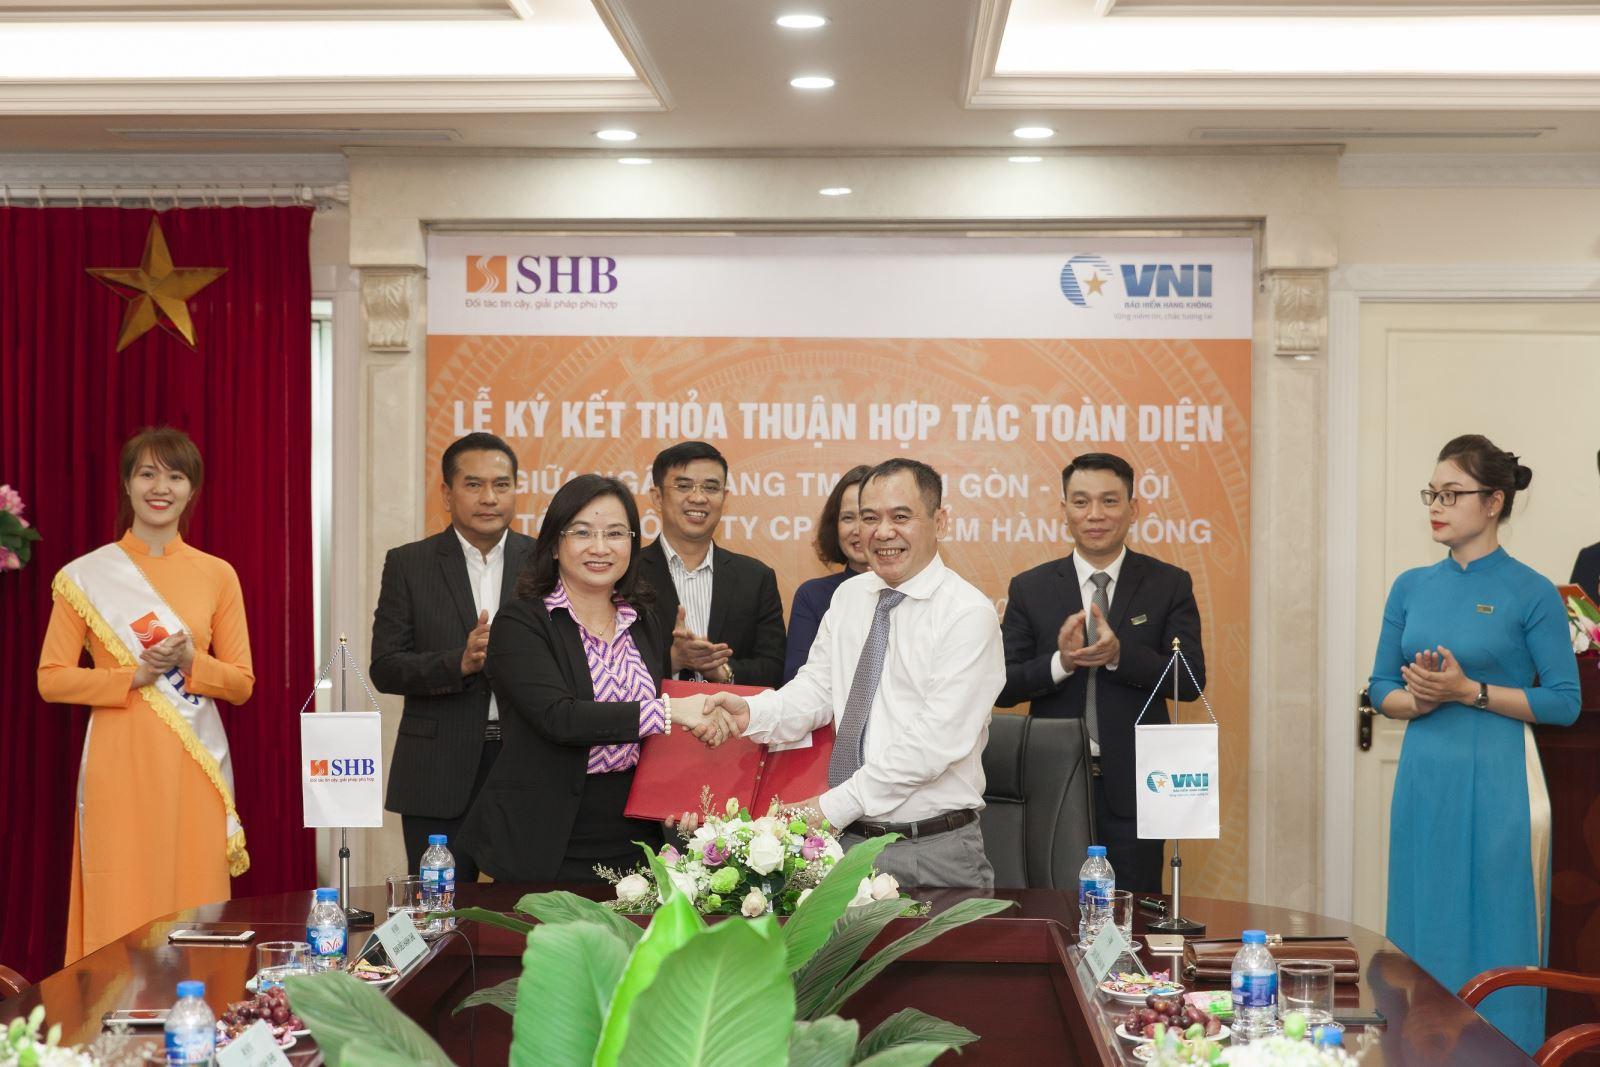 VNI & SHB hợp tác mang lợi ích cho khách hàng